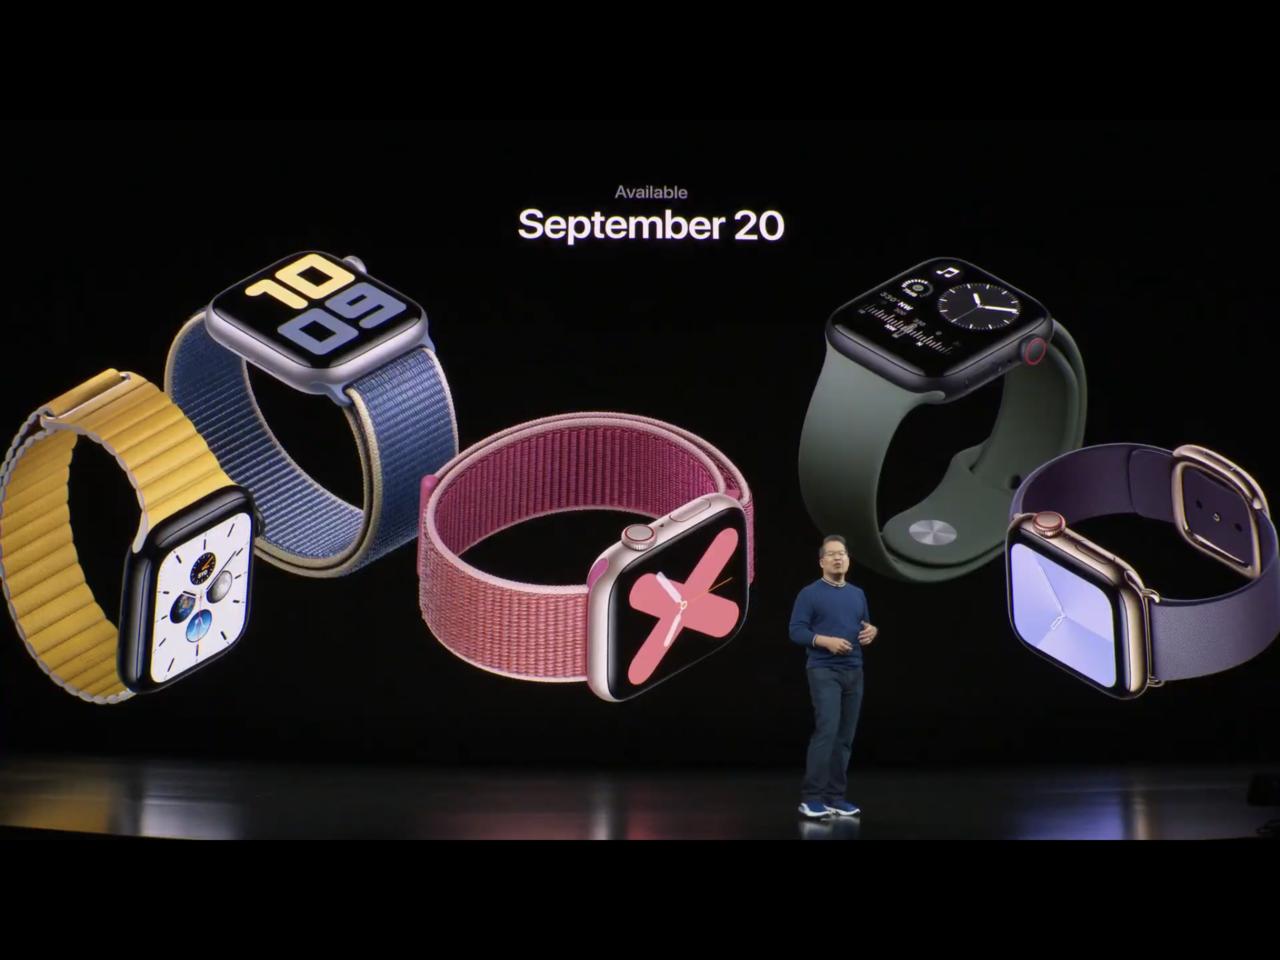 蘋果於秋季發表會中推出Apple Watch Series 5,預計9月20日起...